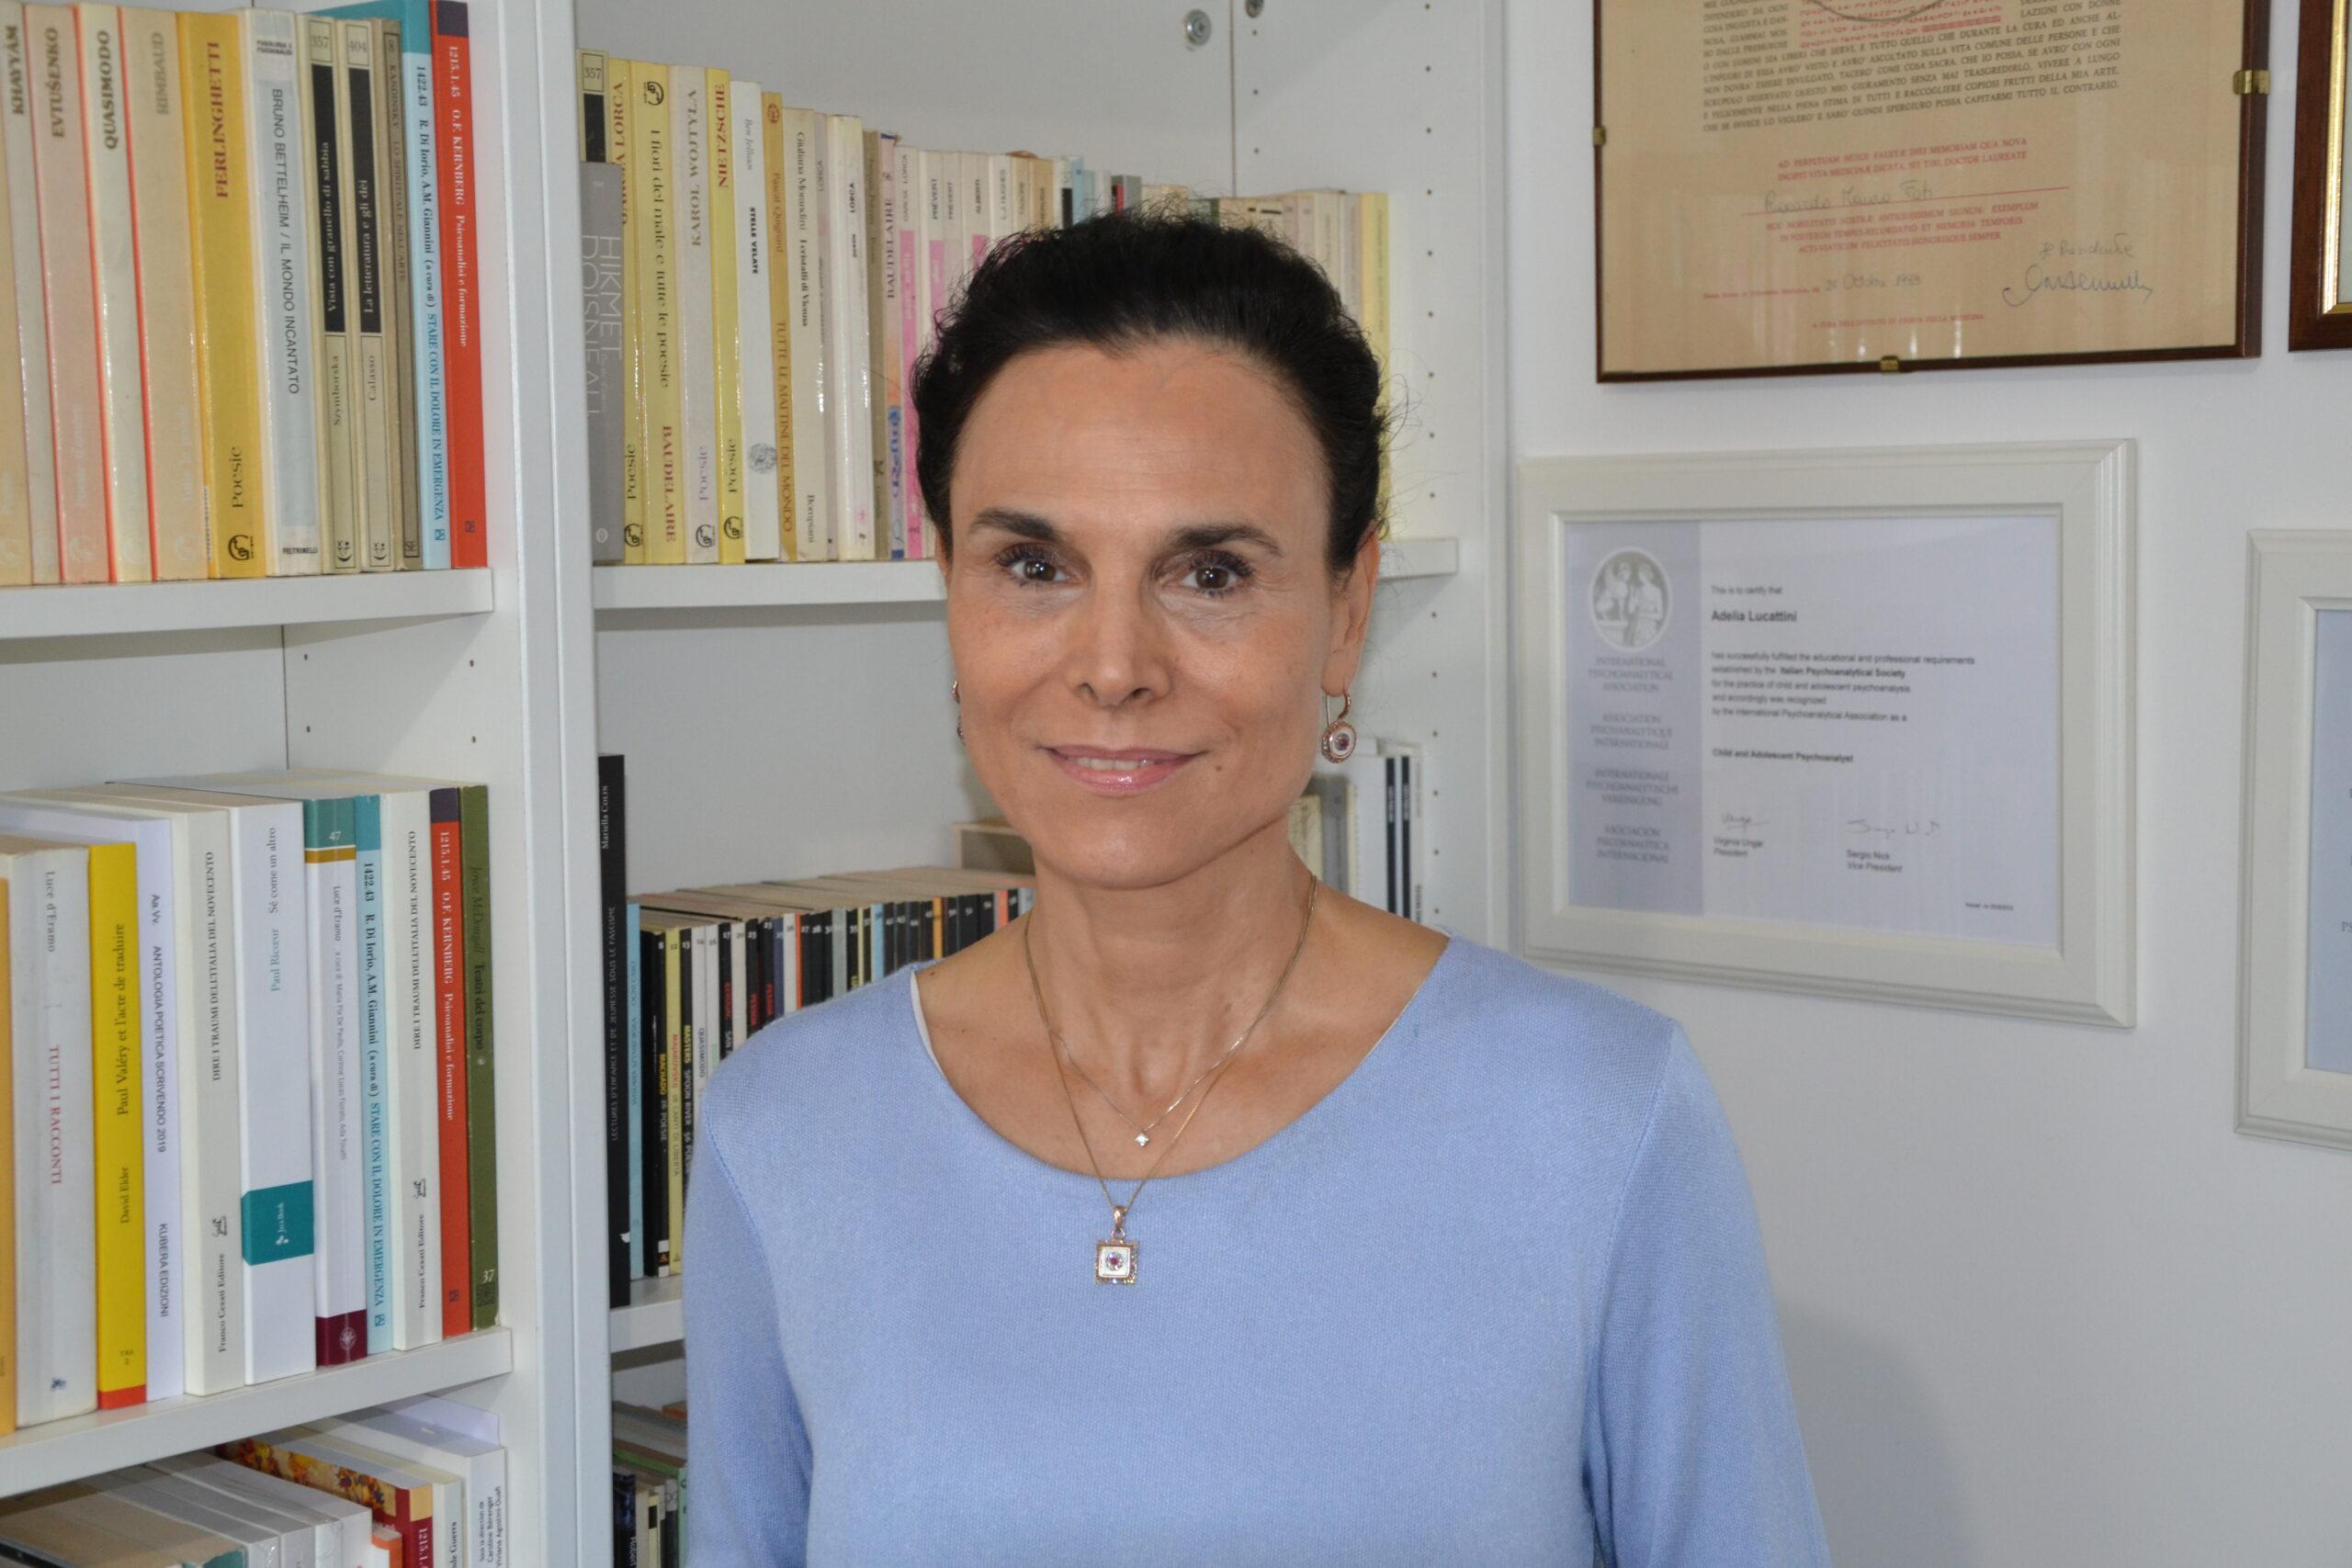 Intervista ad Adelia Lucattini  GLI ADOLESCENTI E L'USO SPERICOLATO DEI SOCIAL AI TEMPI DEL COVID-19  Di Maria Luisa Roscino